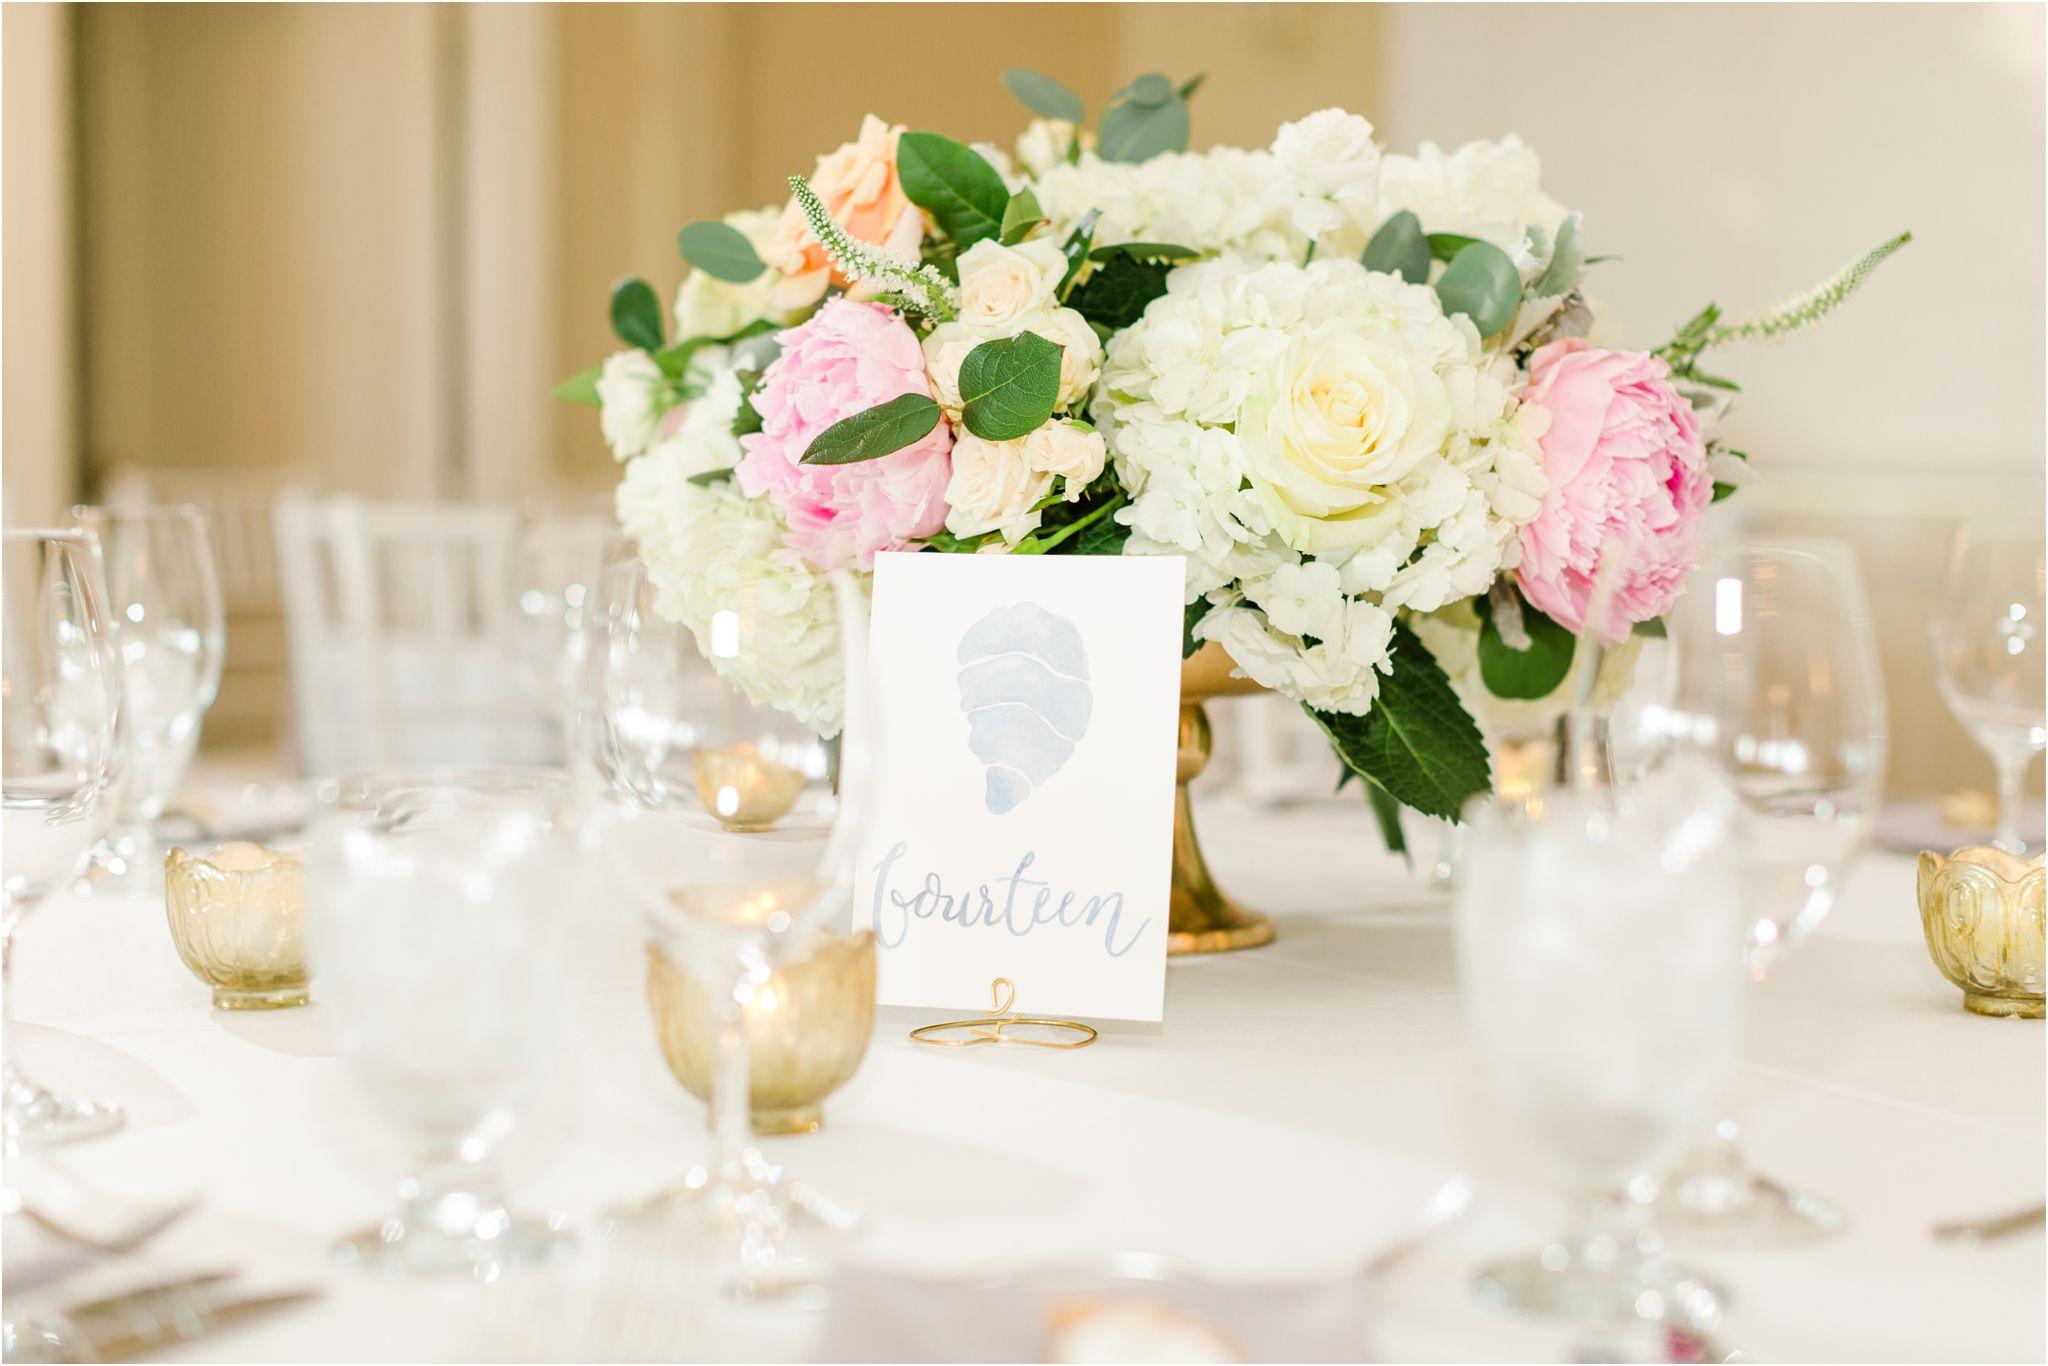 wianno-club-wedding-photos_00071.JPG